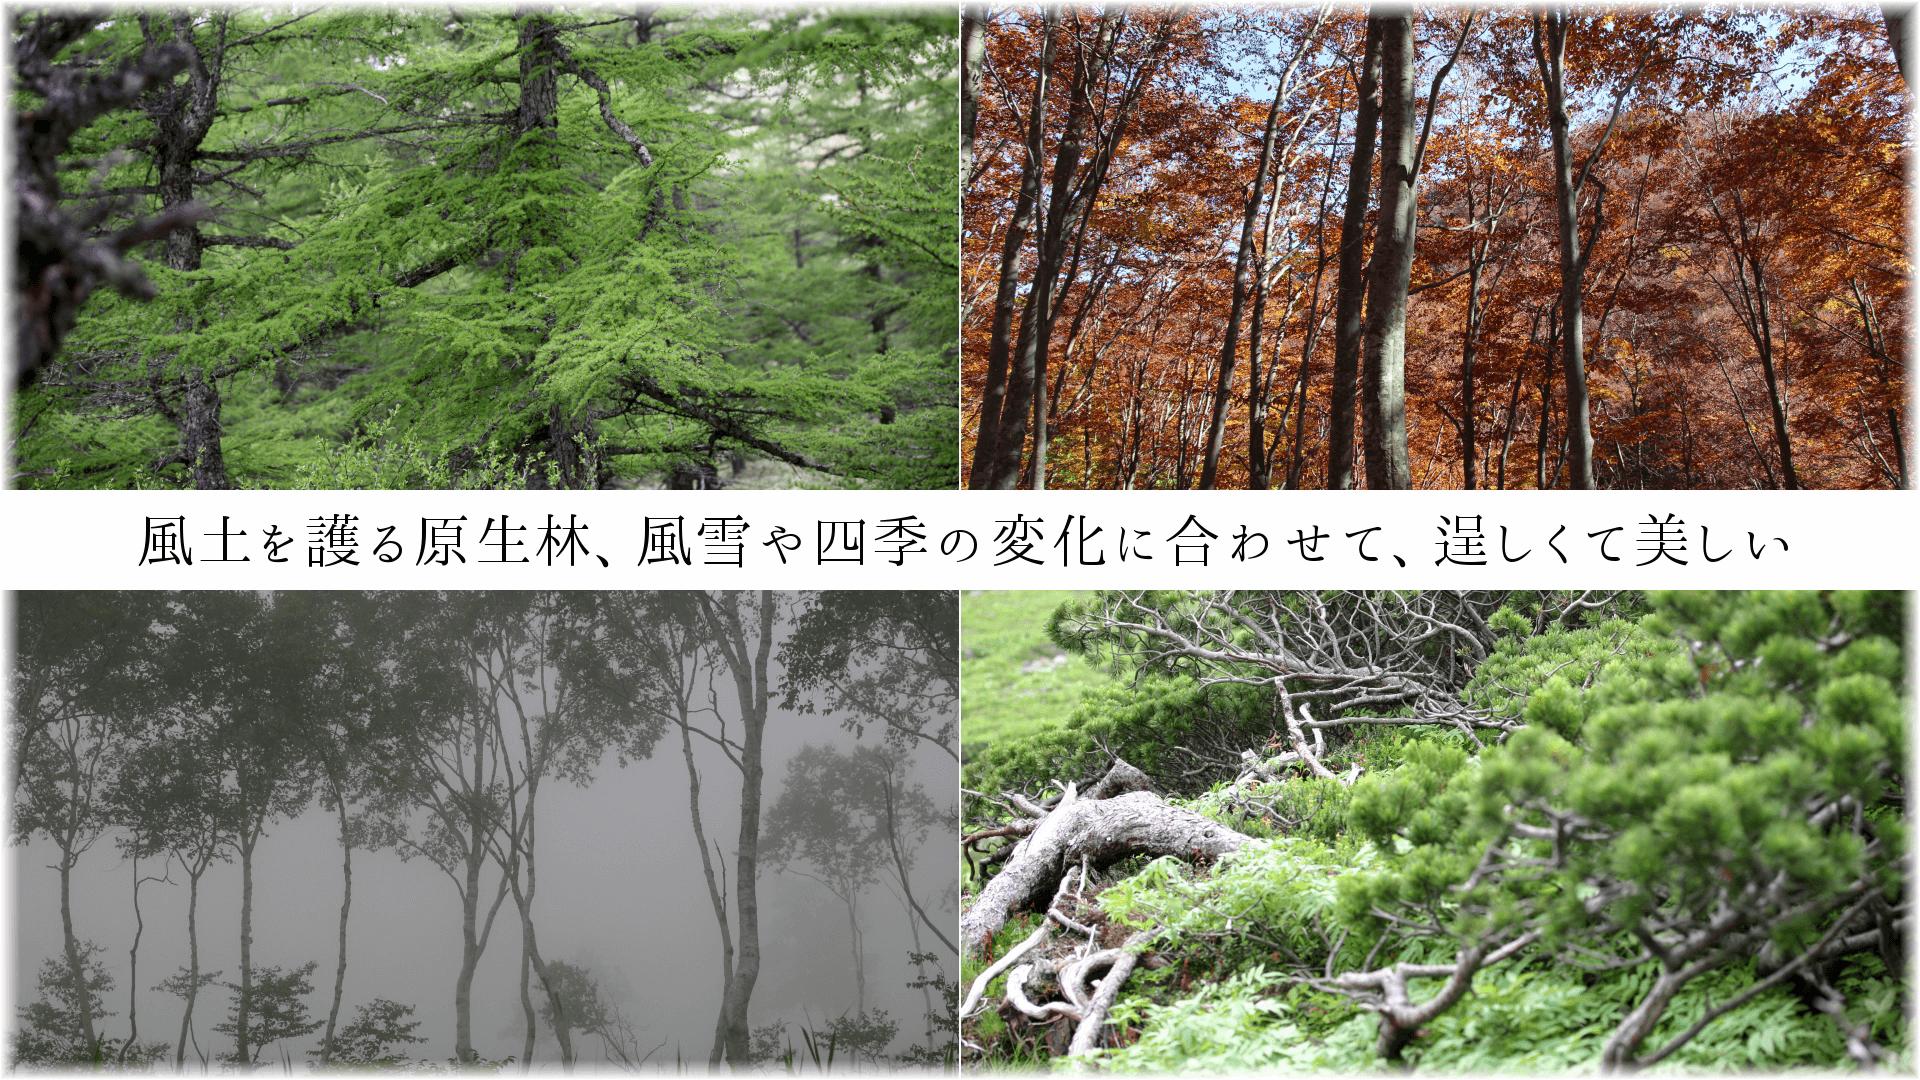 風土を護る原生林、風雪や四季の変化に合わせて、逞しくて美しい